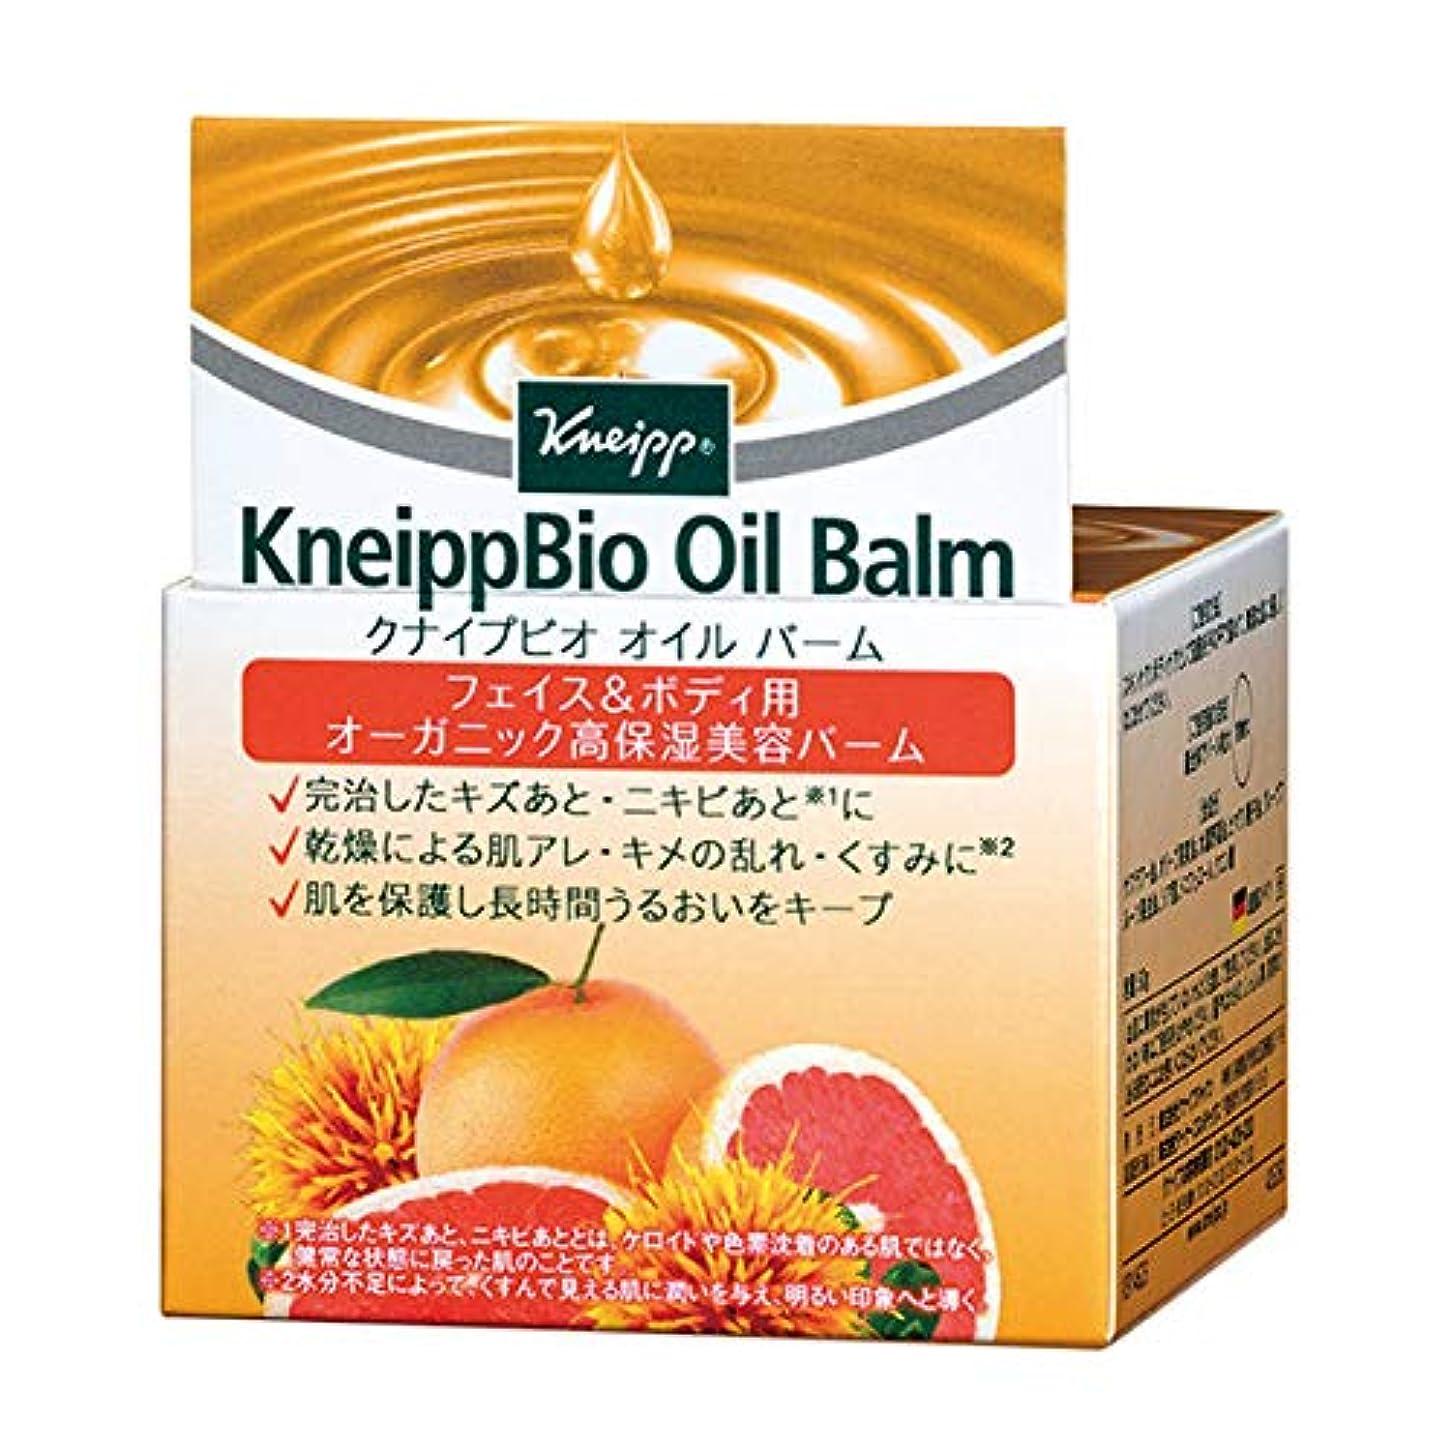 スクラップスロー心理的クナイプ(Kneipp) クナイプビオ オイル バーム 50g 美容液